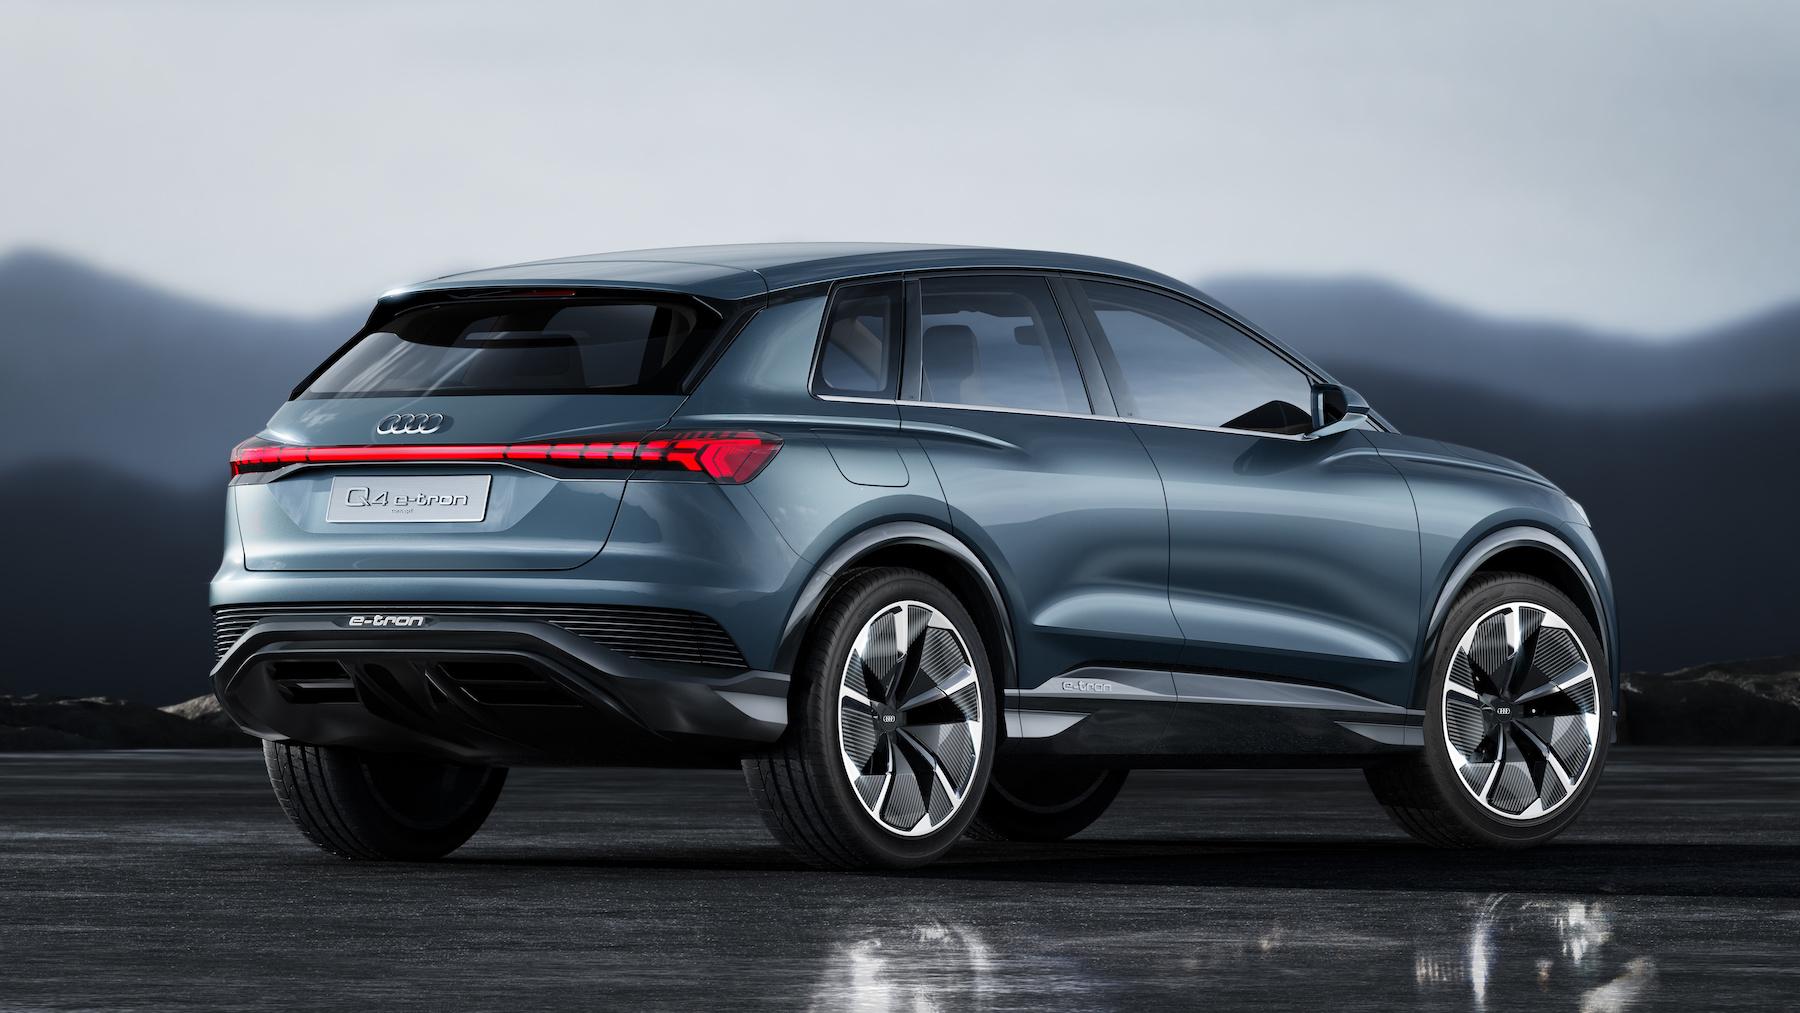 L'Audi Q4 e-tron concept è la quinta auto elettrica Audi che entro fine 2020 dovrà essere lanciata sul mercato. (AUDI)